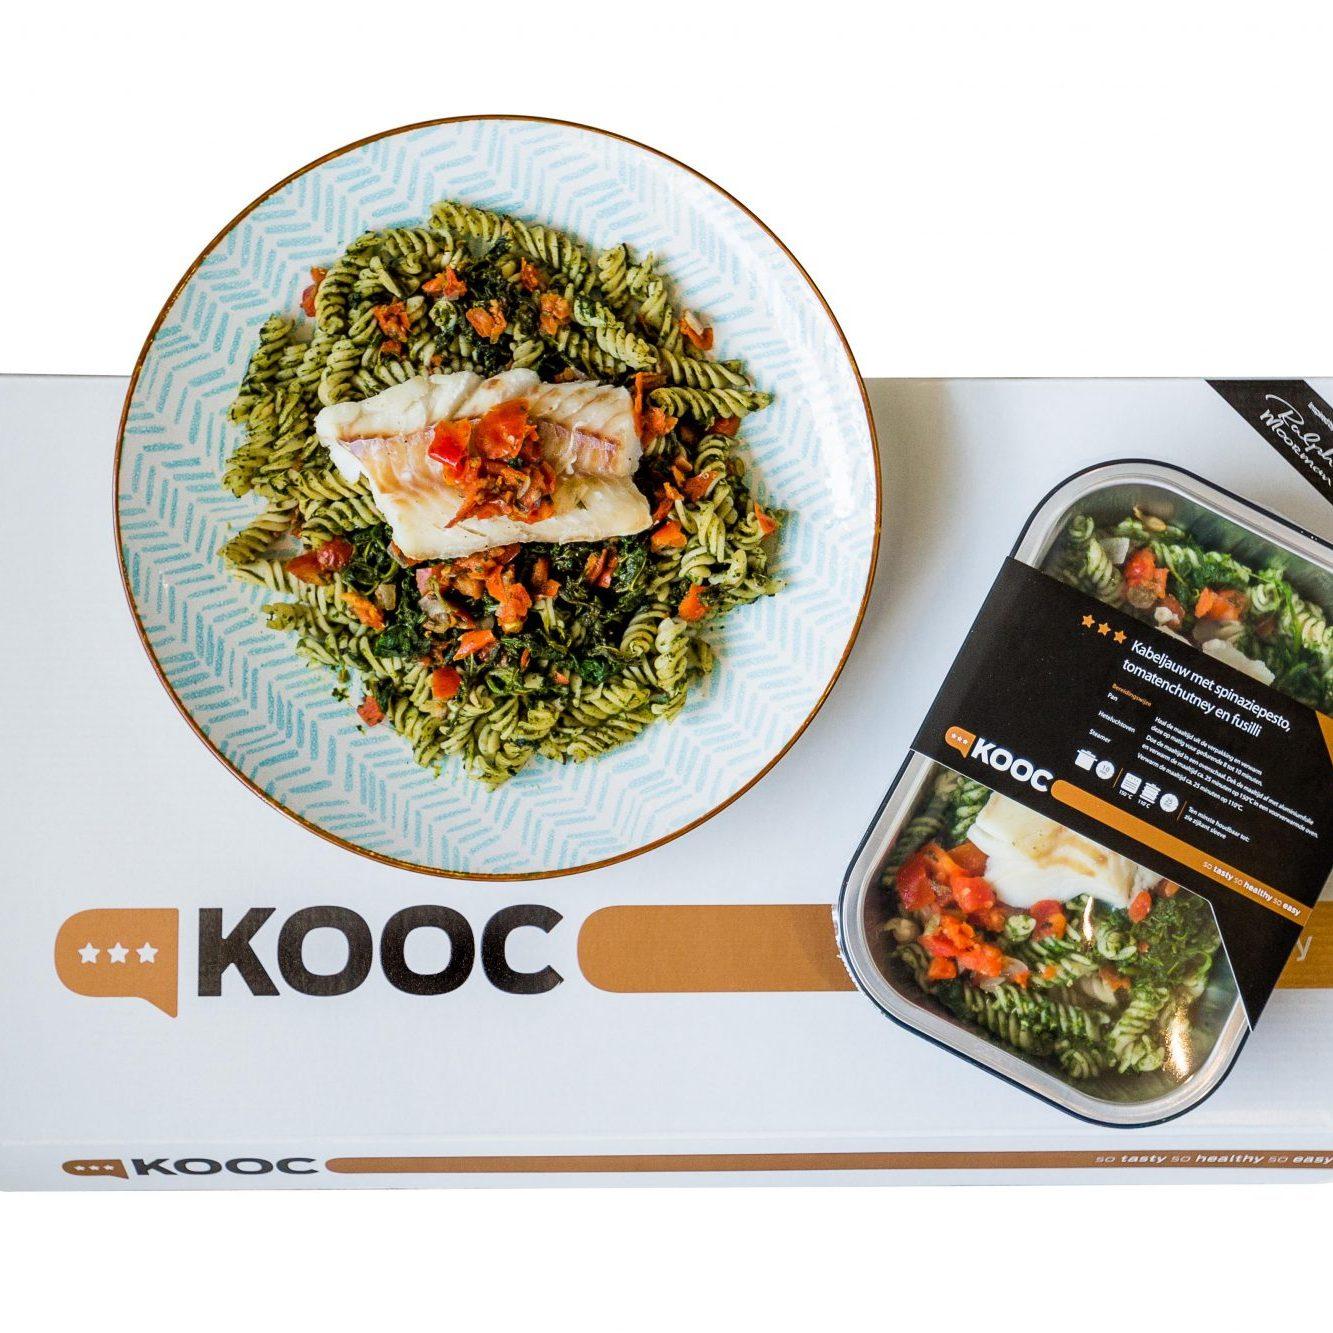 KOOC kant en klaar maaltijden